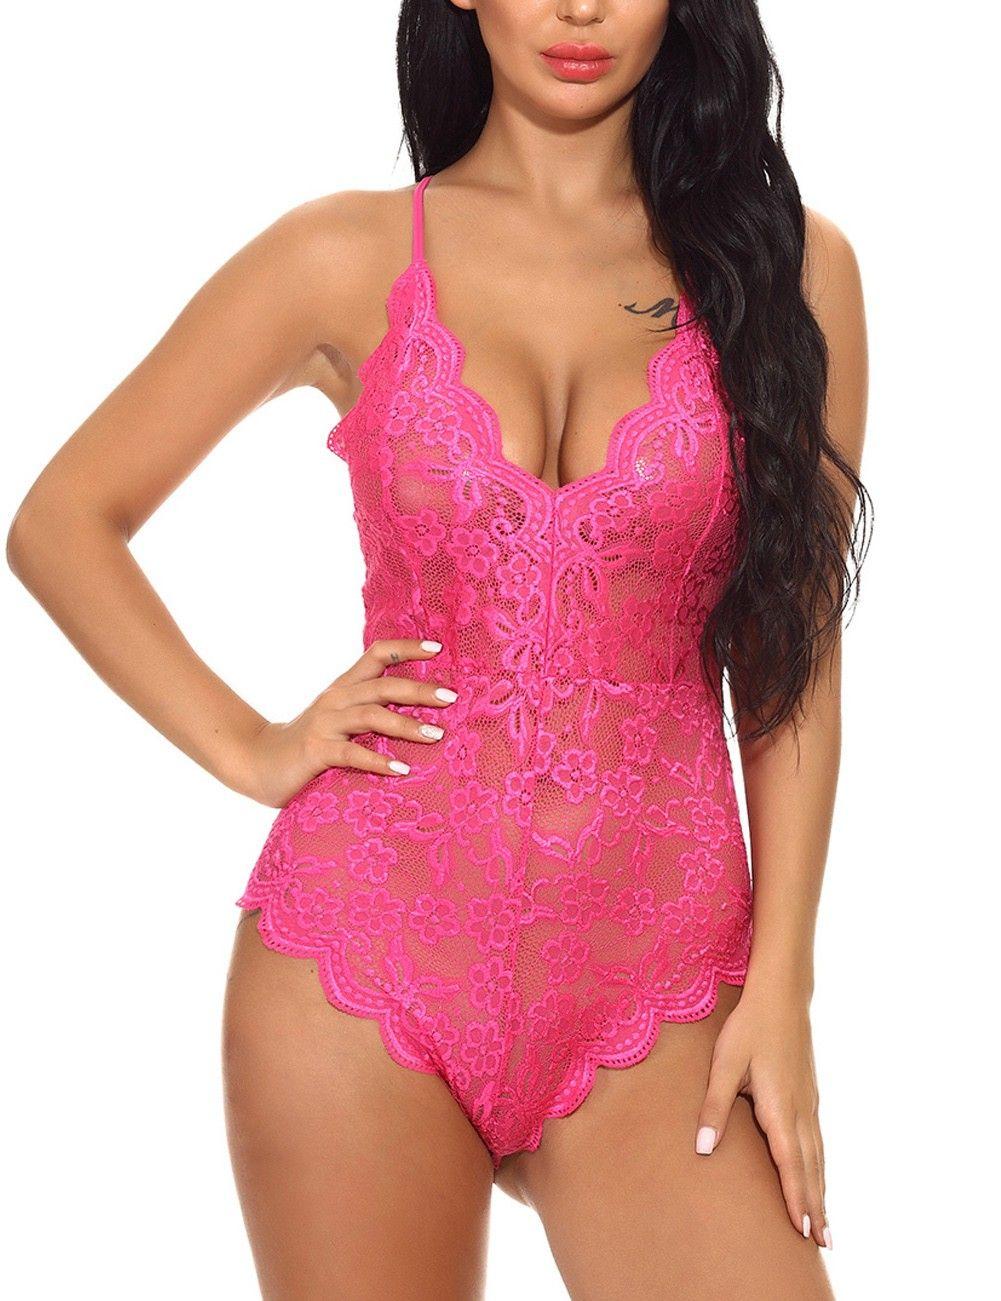 d9afd6efeb10 Best Lingerie, Women Lingerie, Bodysuit Lingerie, Lace Detail, Curvy  Fashion, Floral